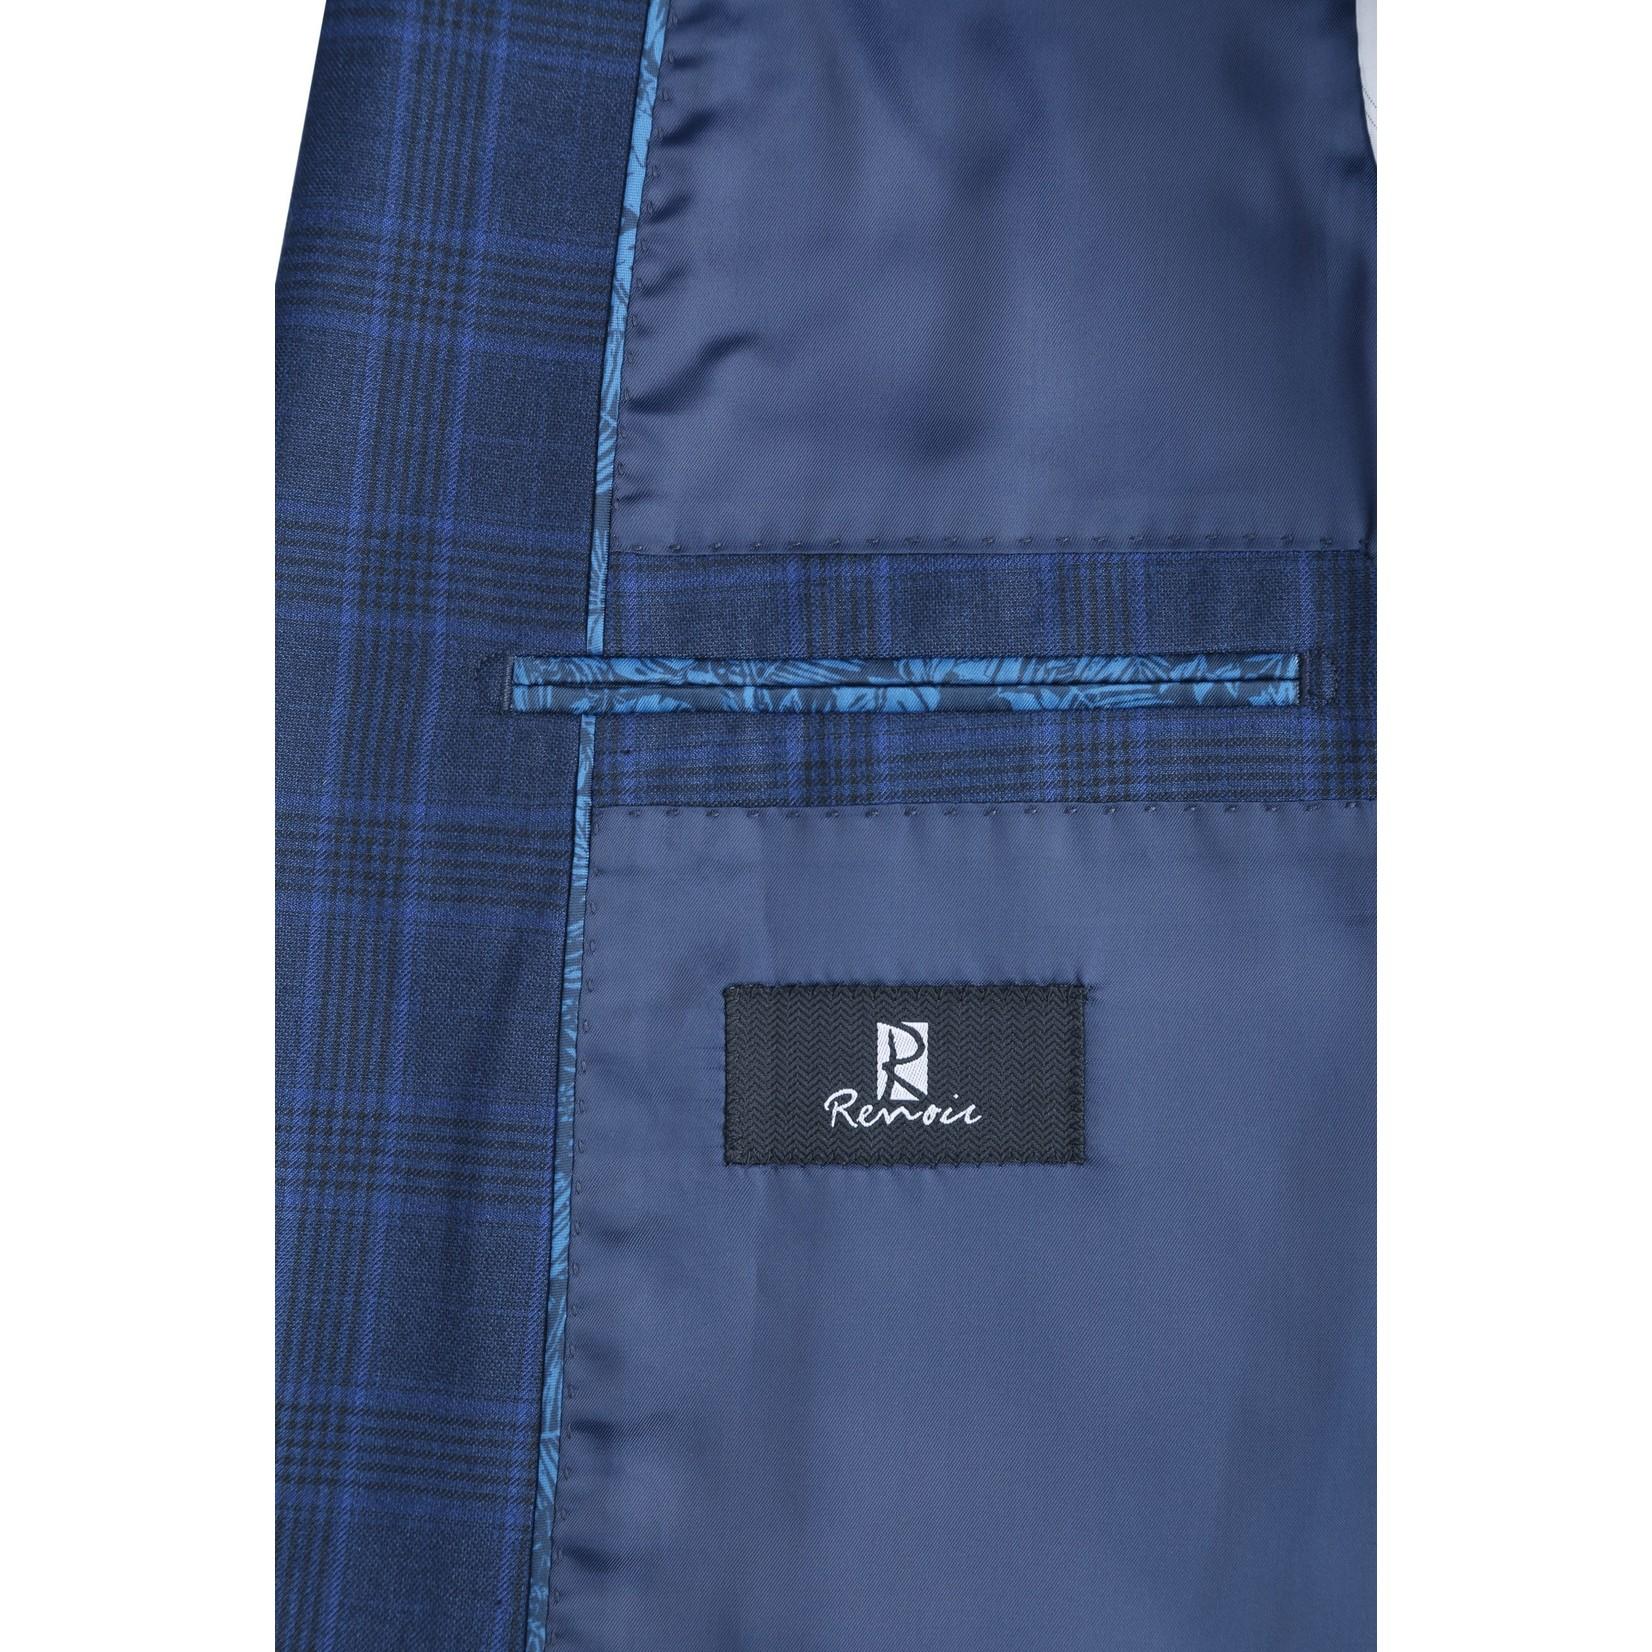 Renoir Renoir Slim Fit Suit 292-4 Blue Plaid